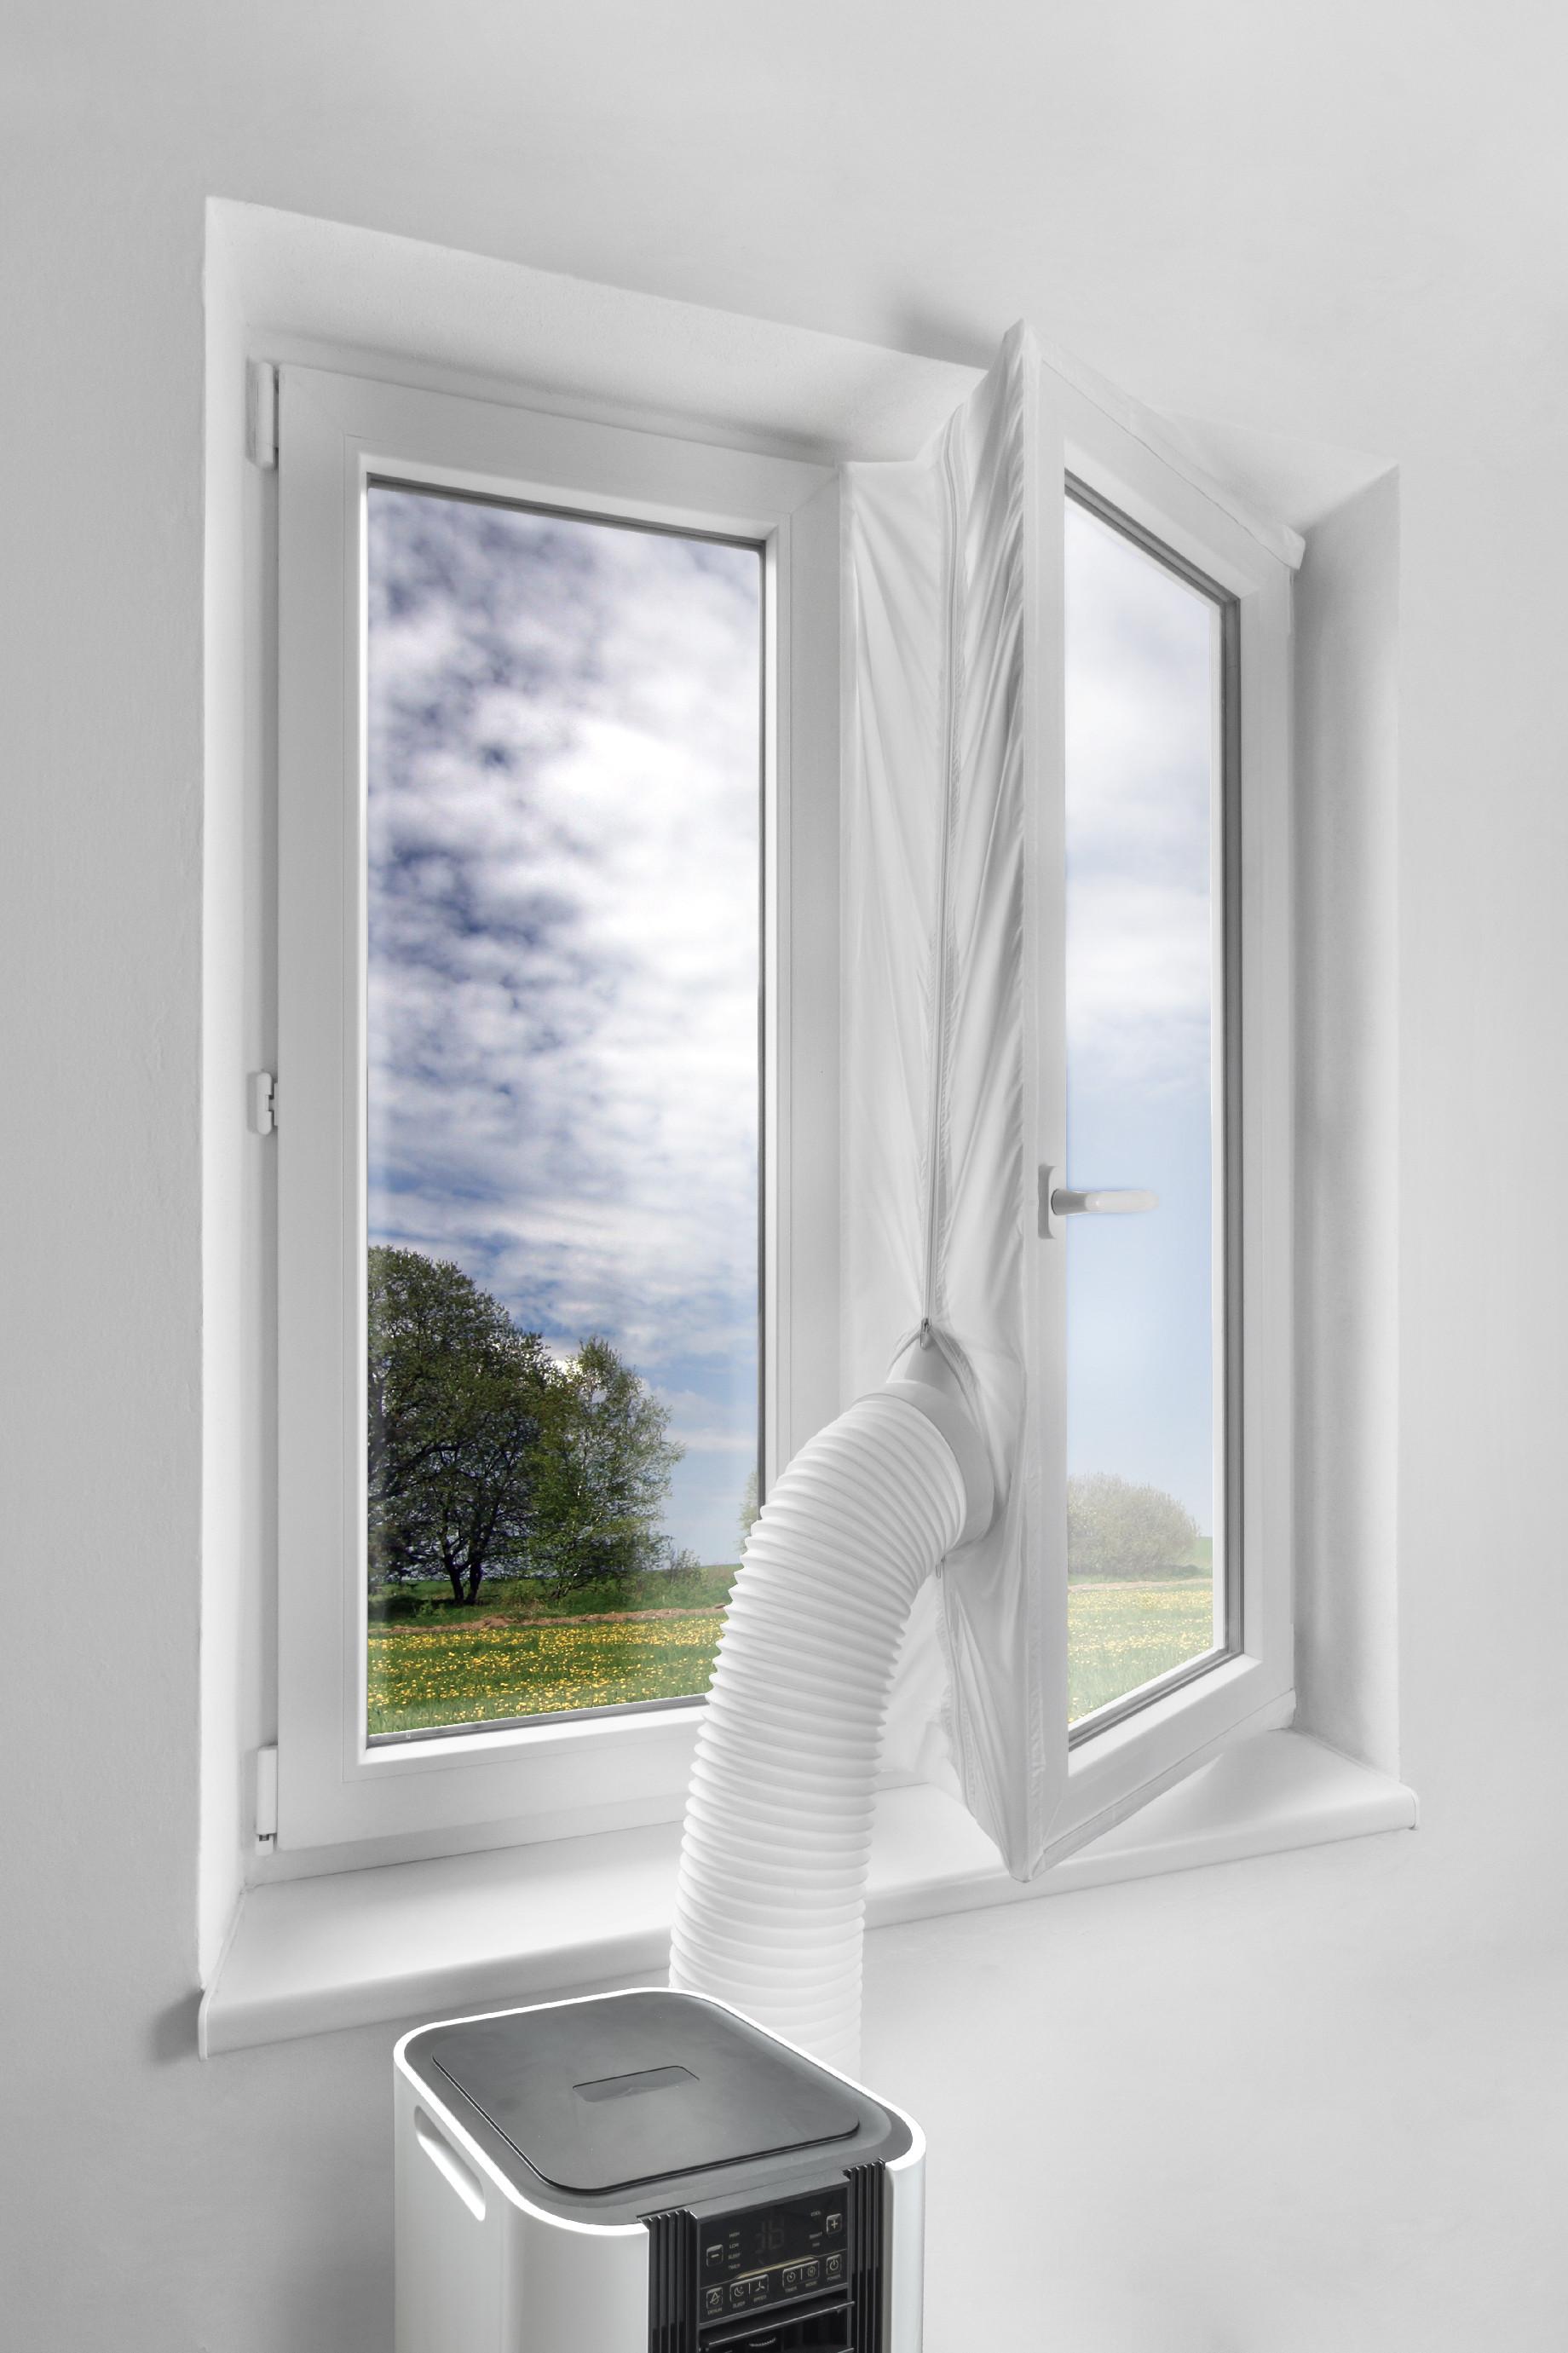 Těsnění fo oken pro mobilní klimatizace Noaton AL 4010